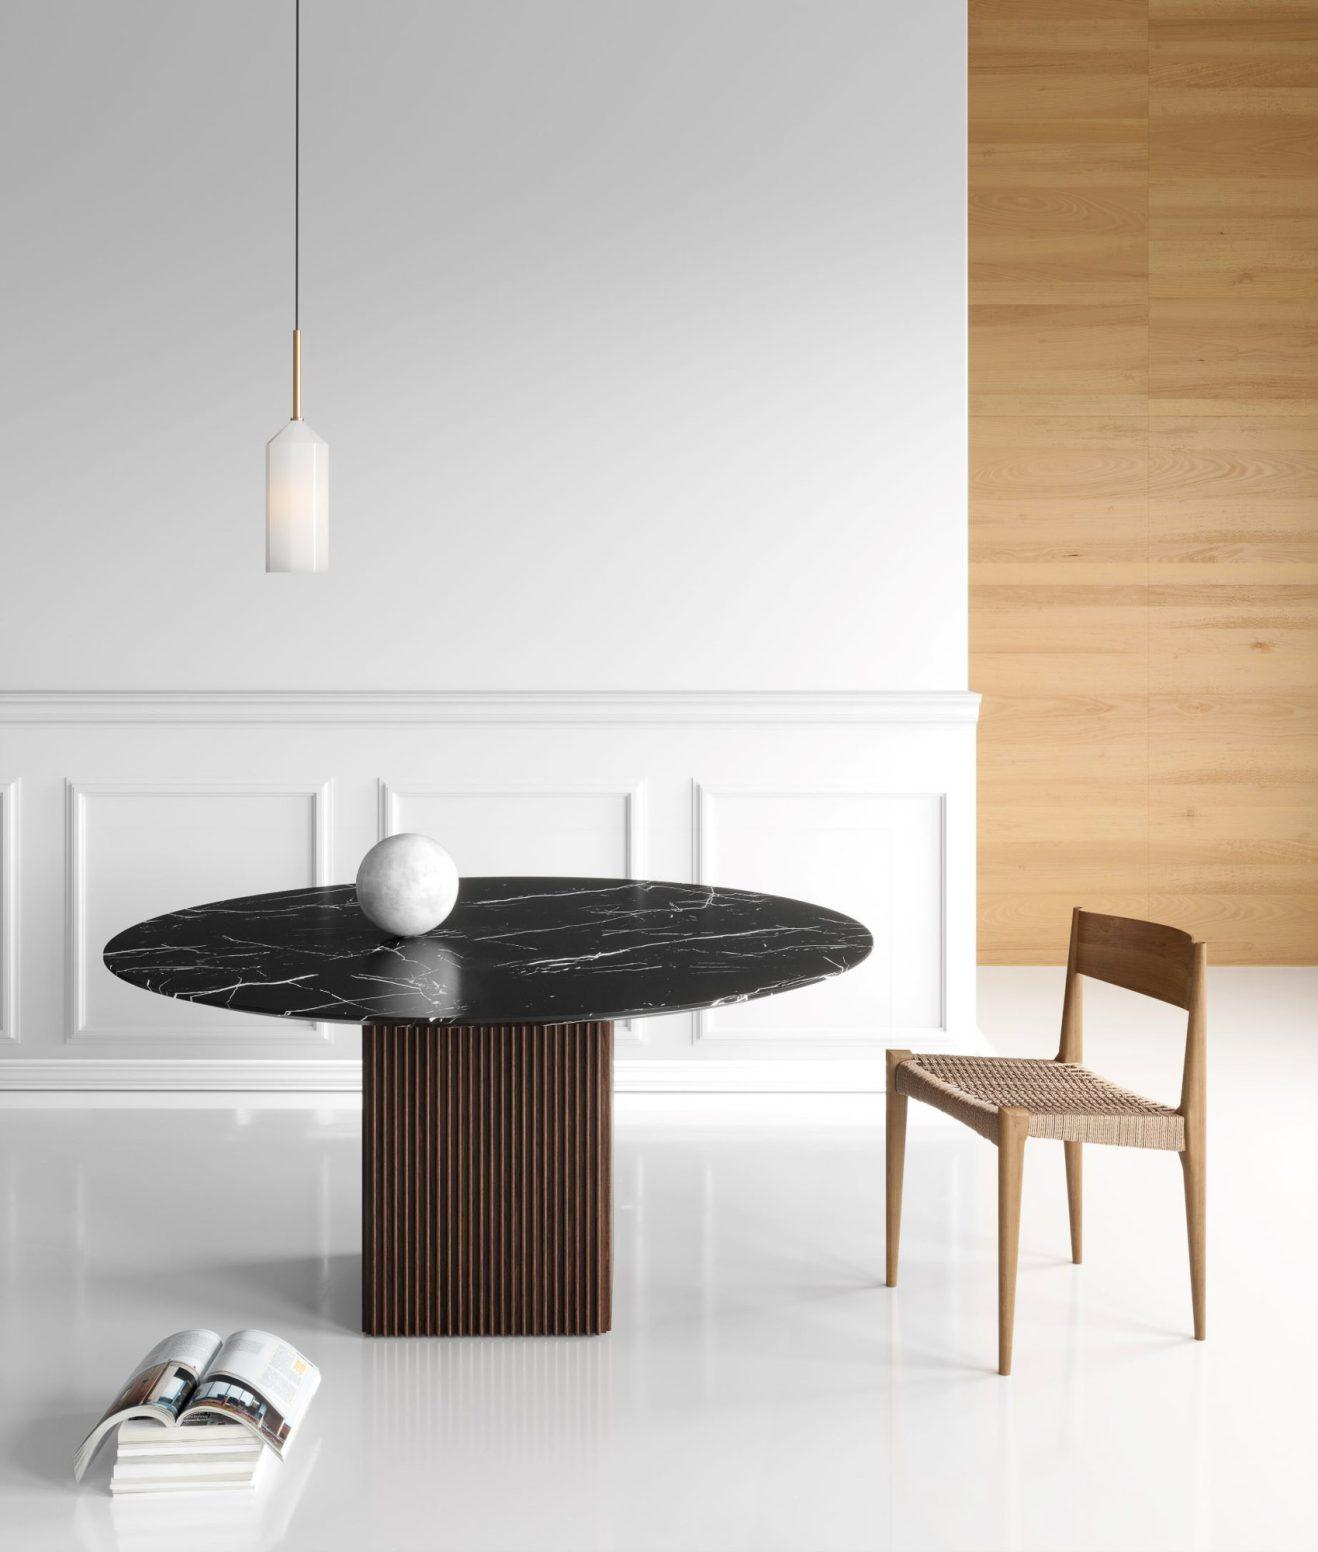 Table de salle à manger en marbre Ten (ronde) par DK3 1